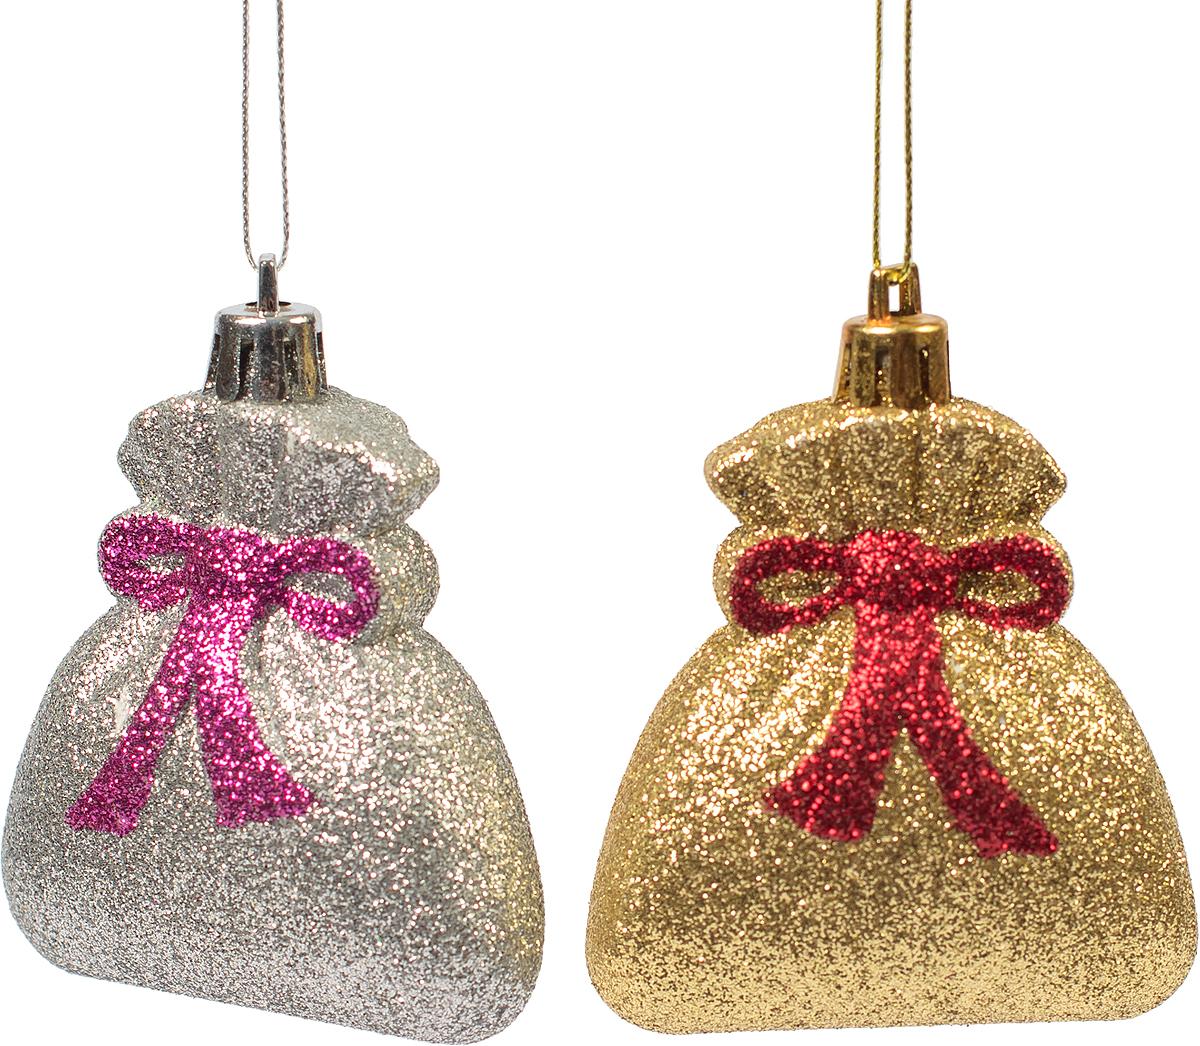 Украшение новогоднее подвесное Magic Time, 2 шт. 75451 украшение настенное в виде головы обезьяны rudyard